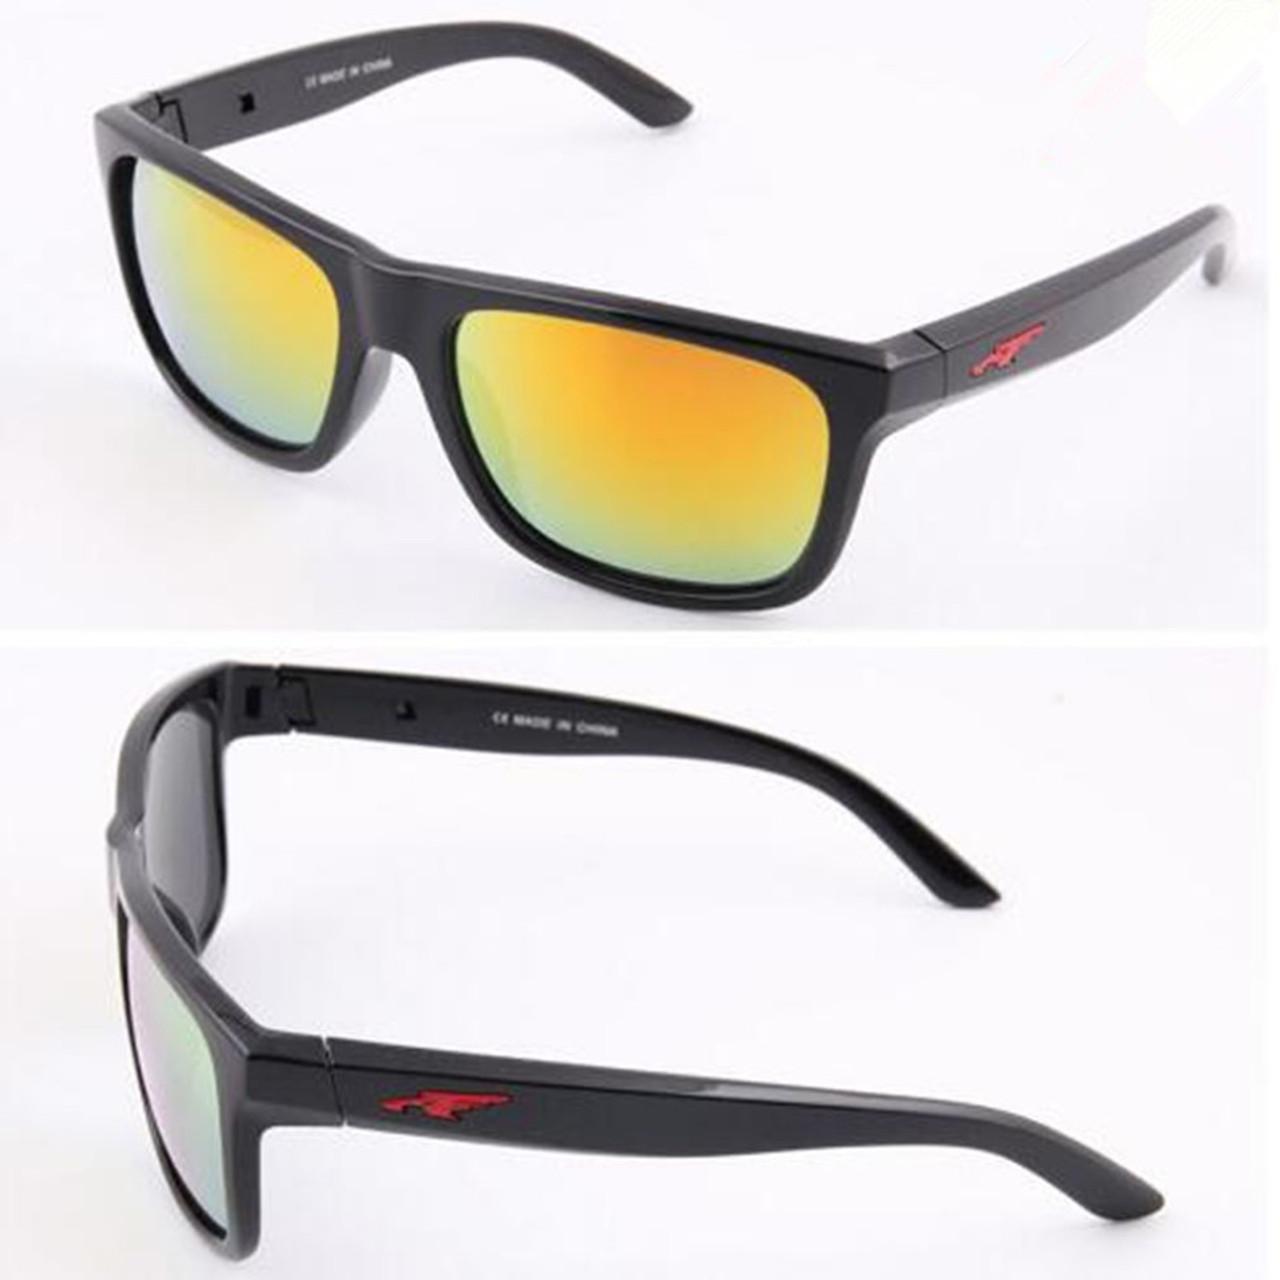 7aead23c76 ... 2018 Arnette Sunglasses Men Sun Glasses Driving UV400 Vintage Motion Sunglass  Women gafas de sol de ...